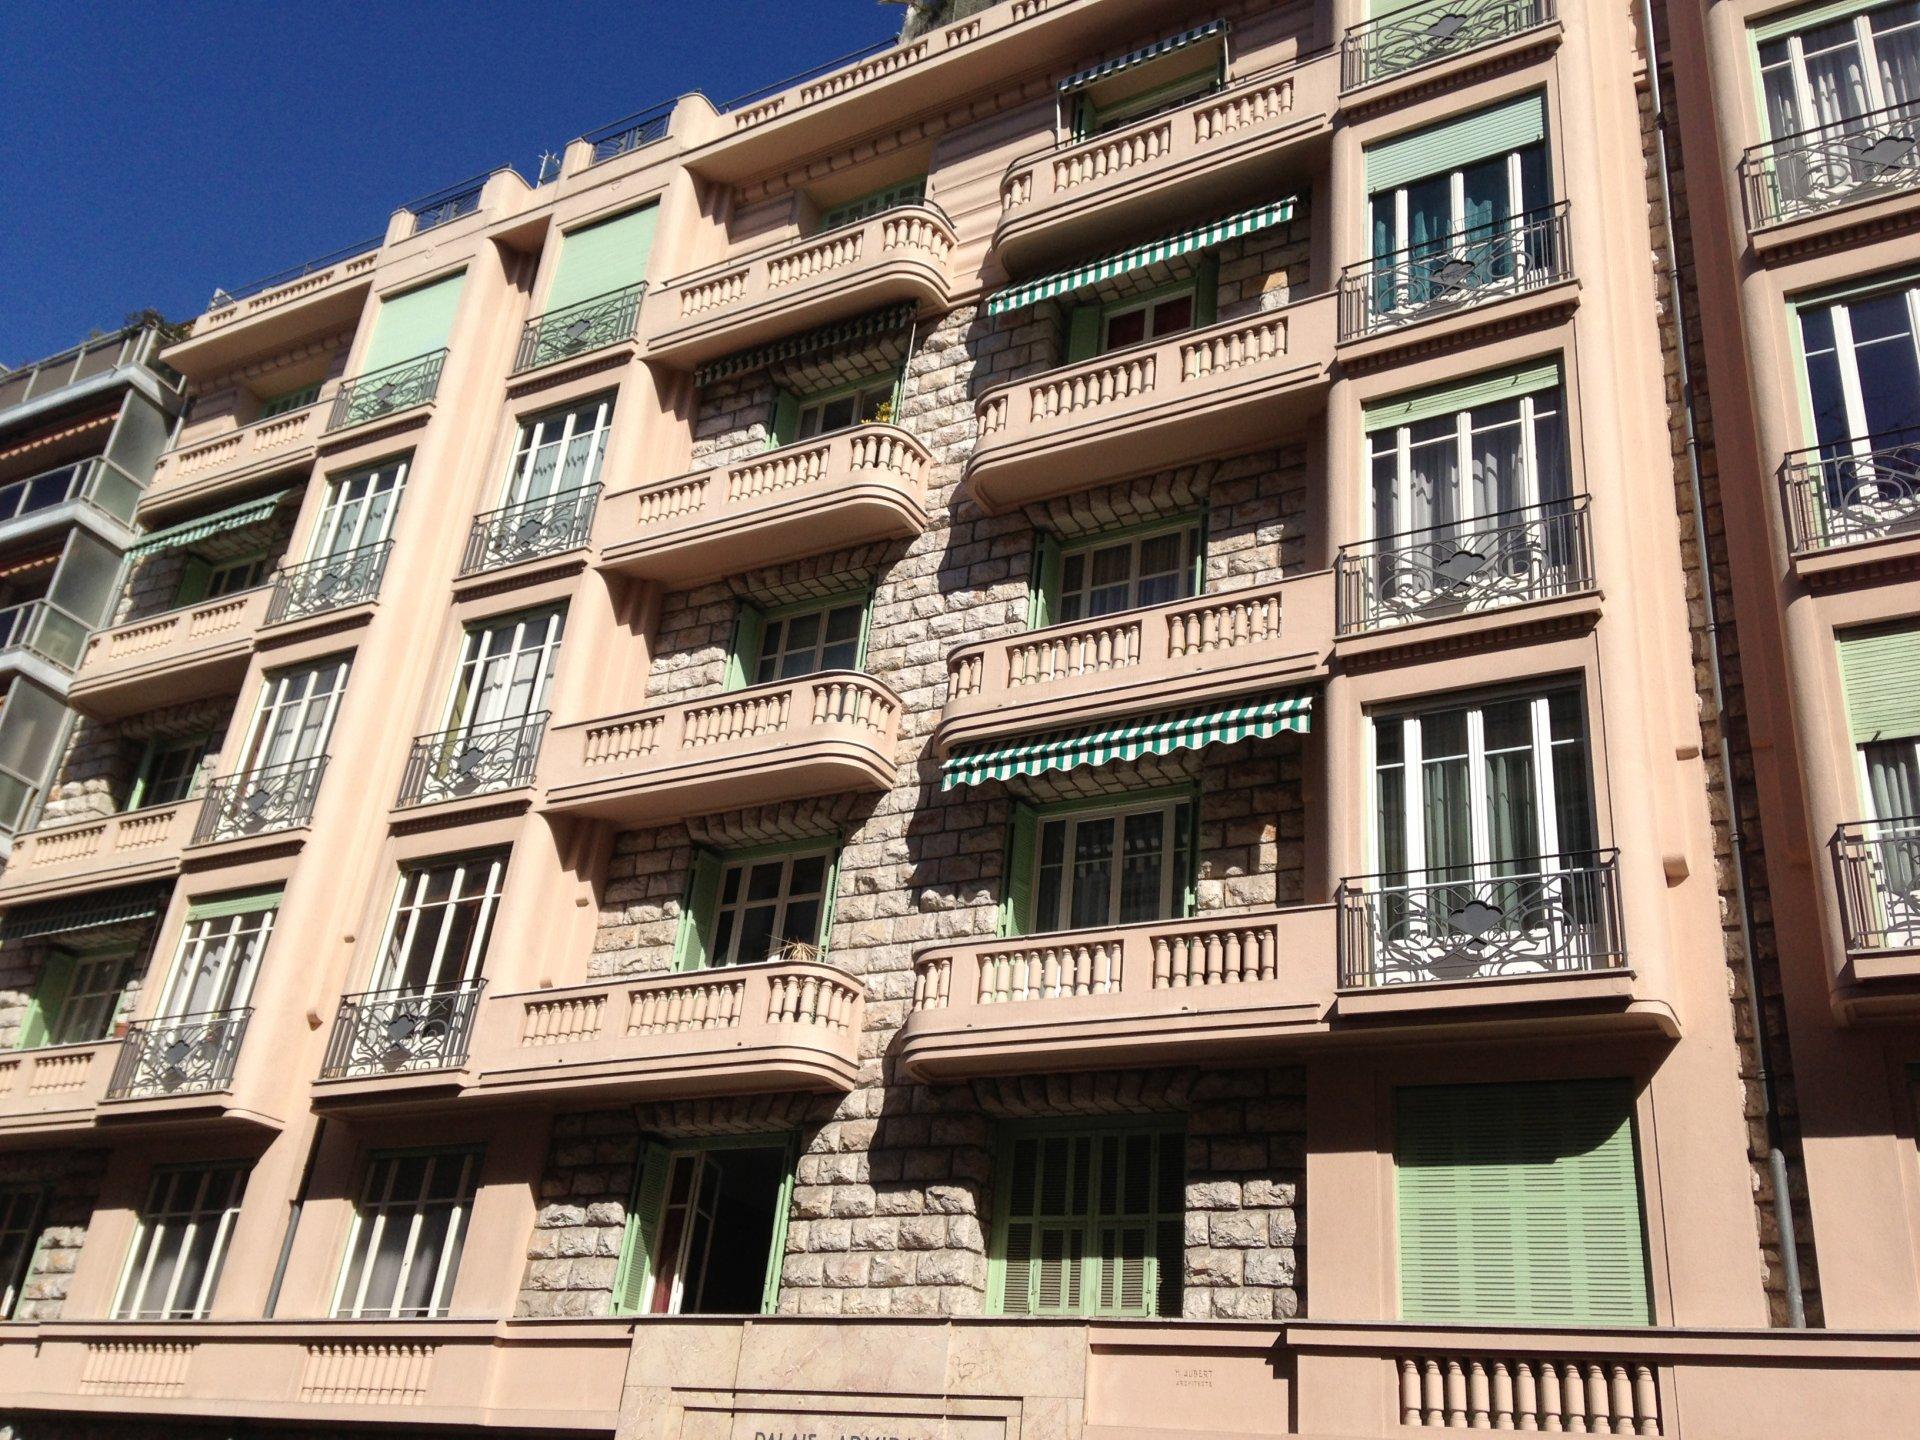 Location Bureau - Nice Carré d'or